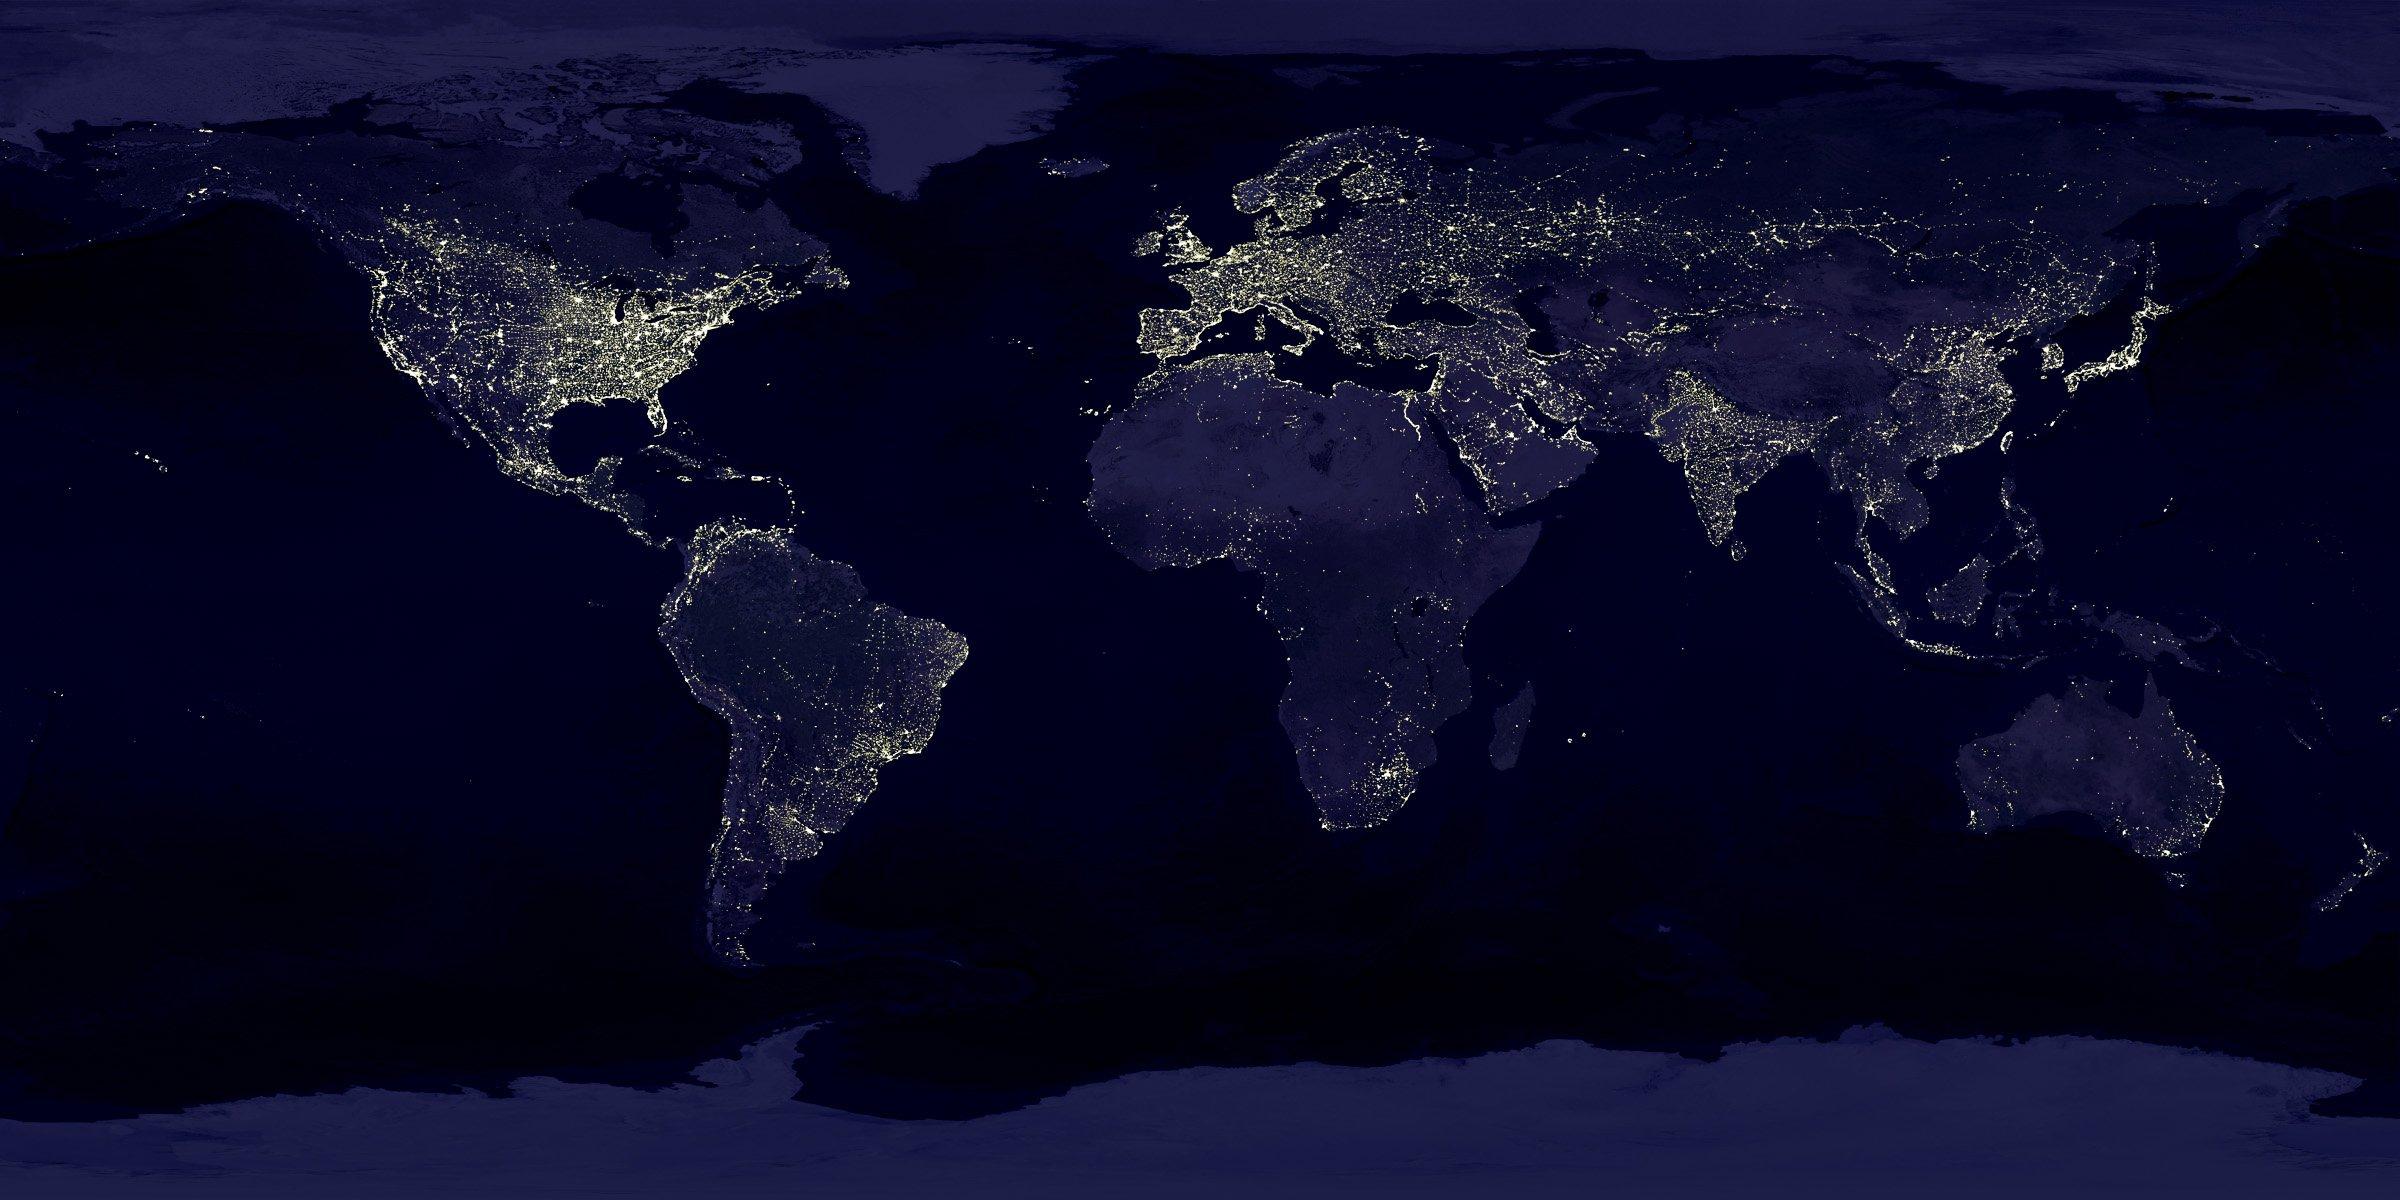 Kostenloses Foto Zum Thema Beleuchtung Erde Lichter